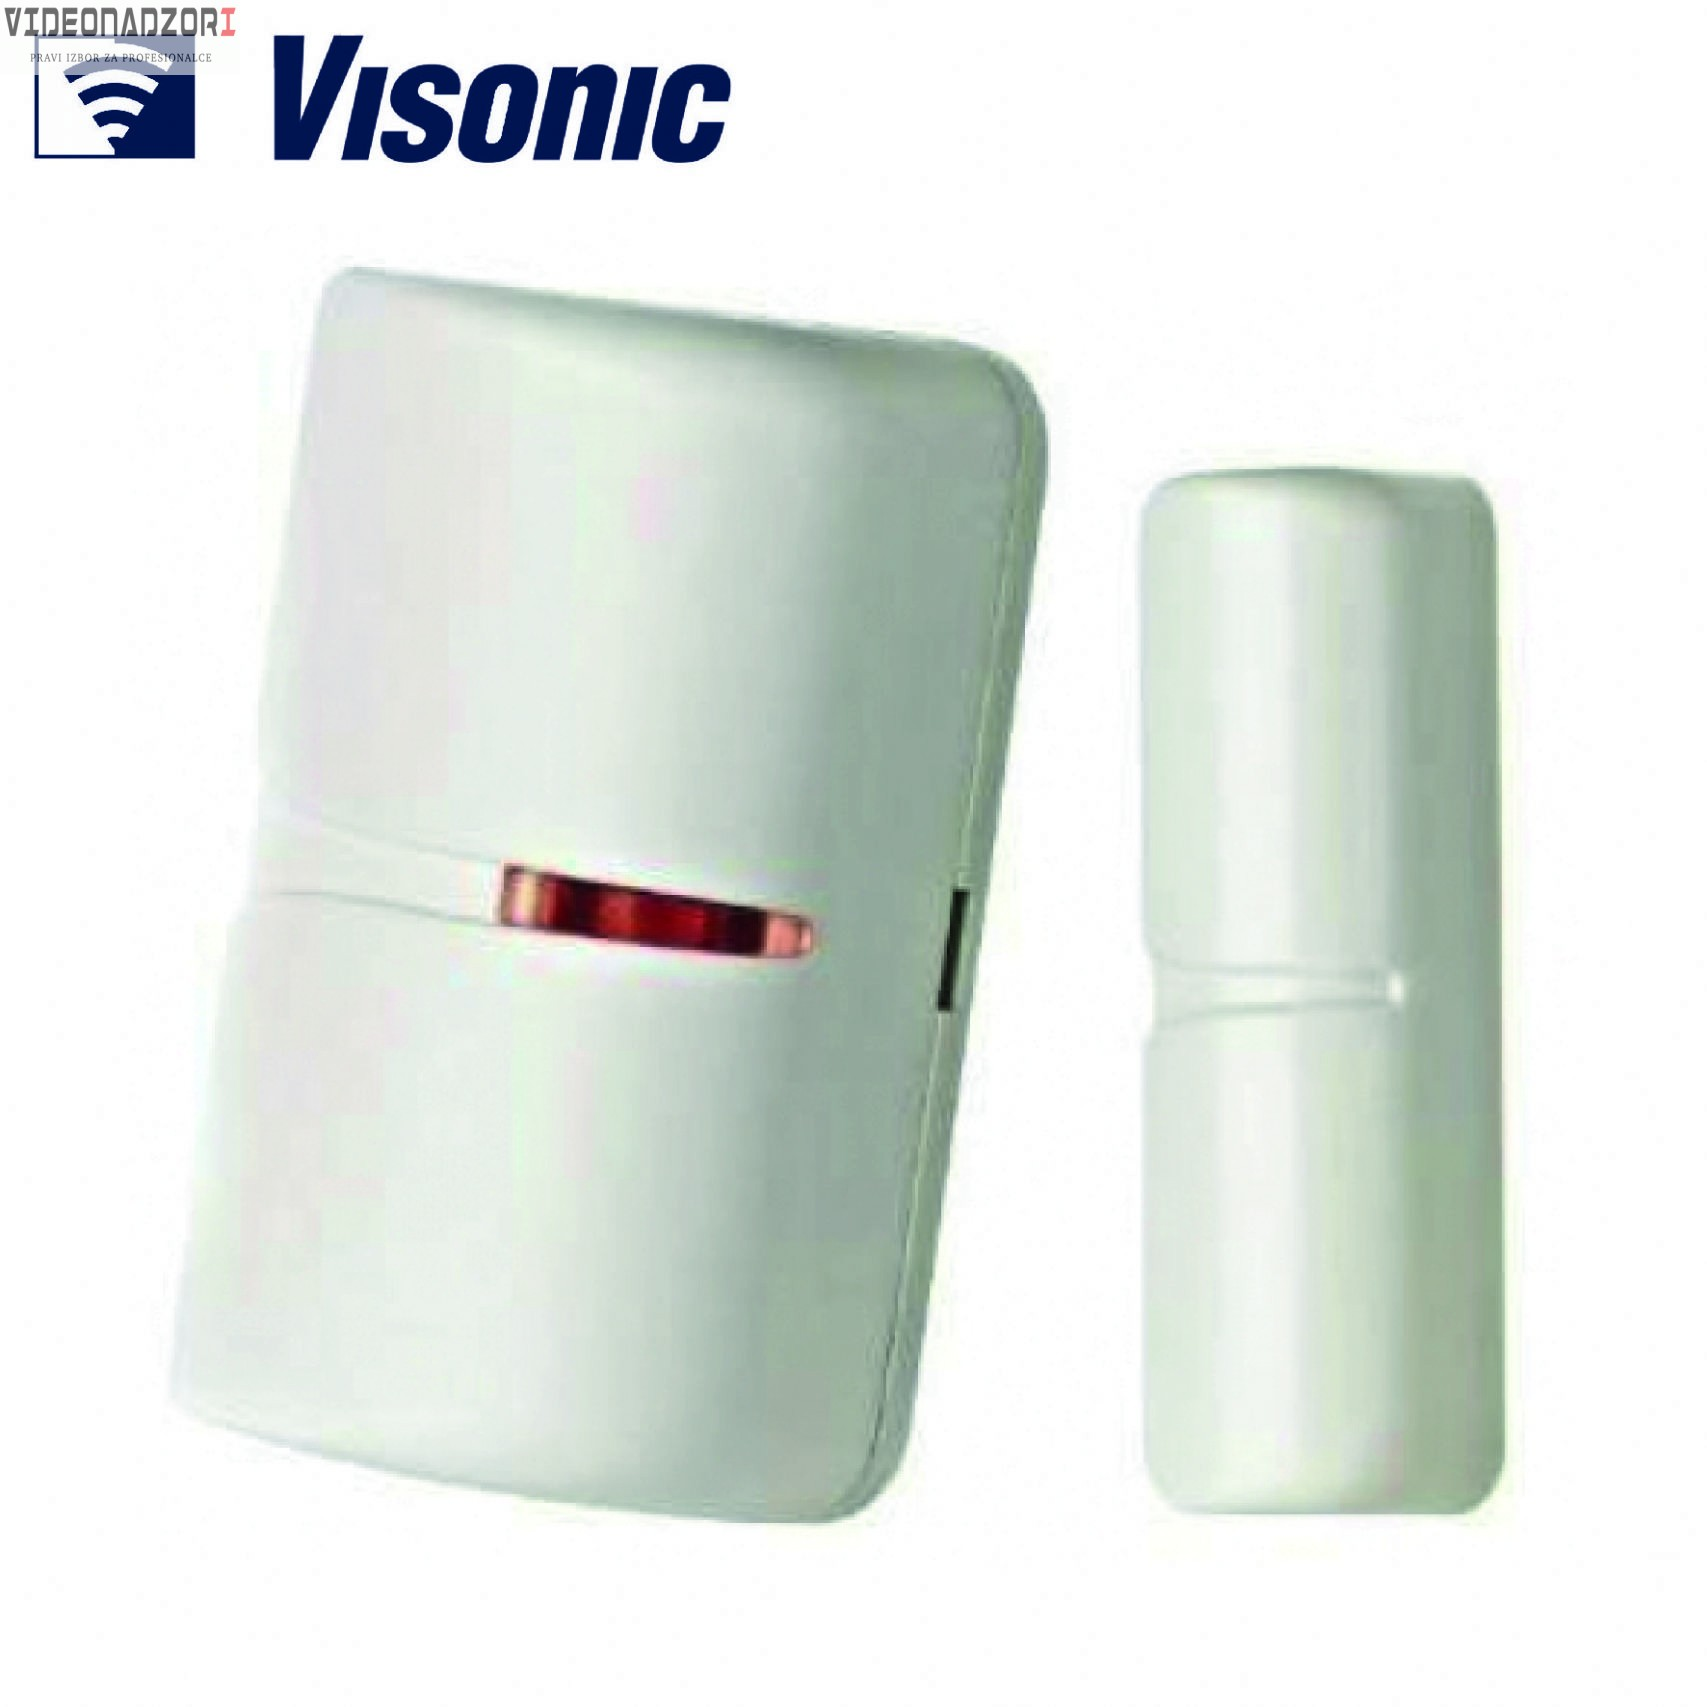 Visonic bežični senzor vrata i prozora MC-302E PG2 od  za 498,75kn